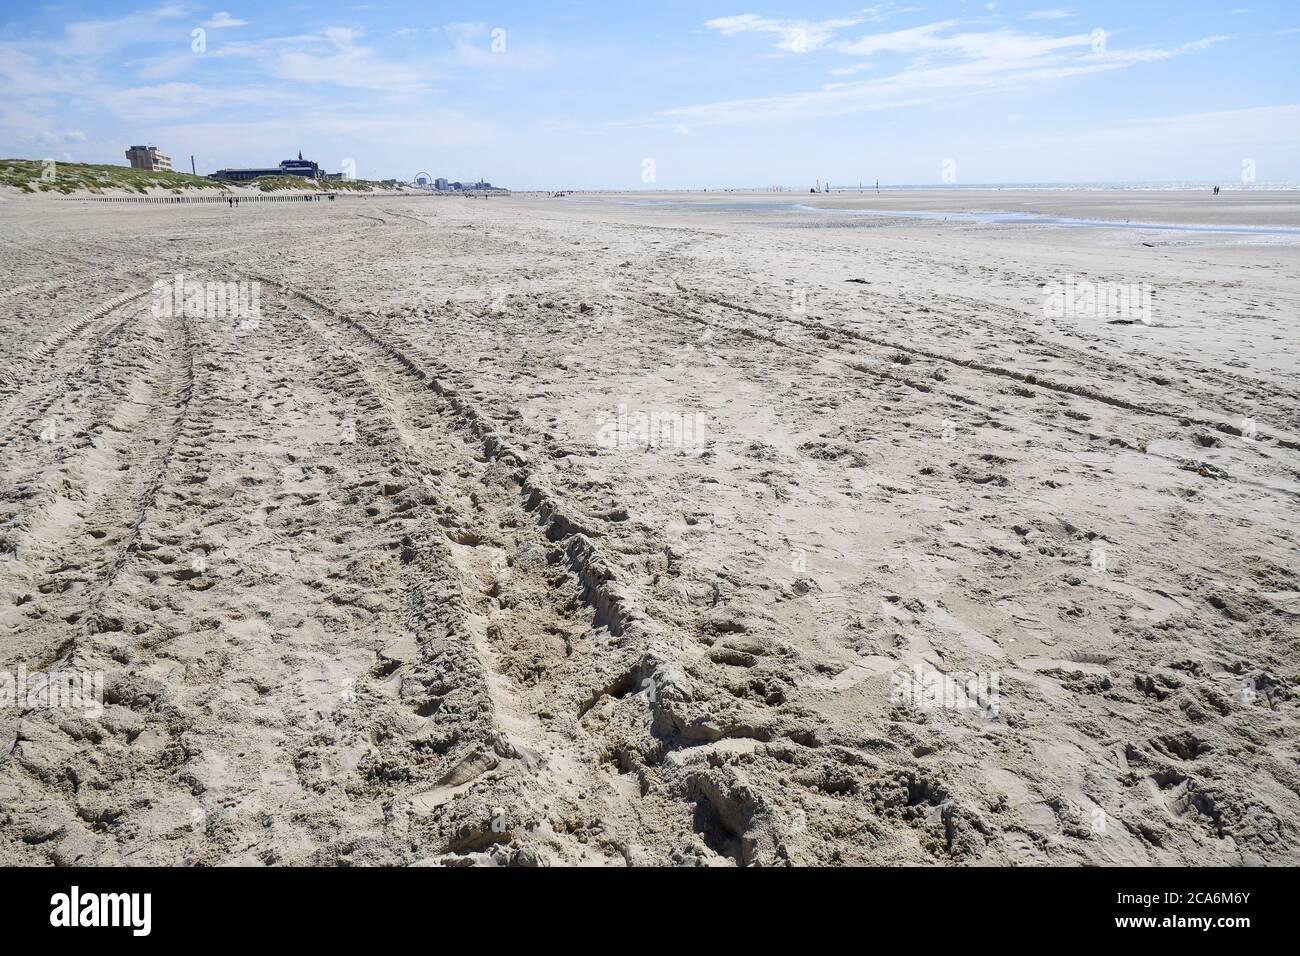 La playa de arena en marea baja, Berck, Pas-de-Calais, Hauts-de-France, Francia Foto de stock